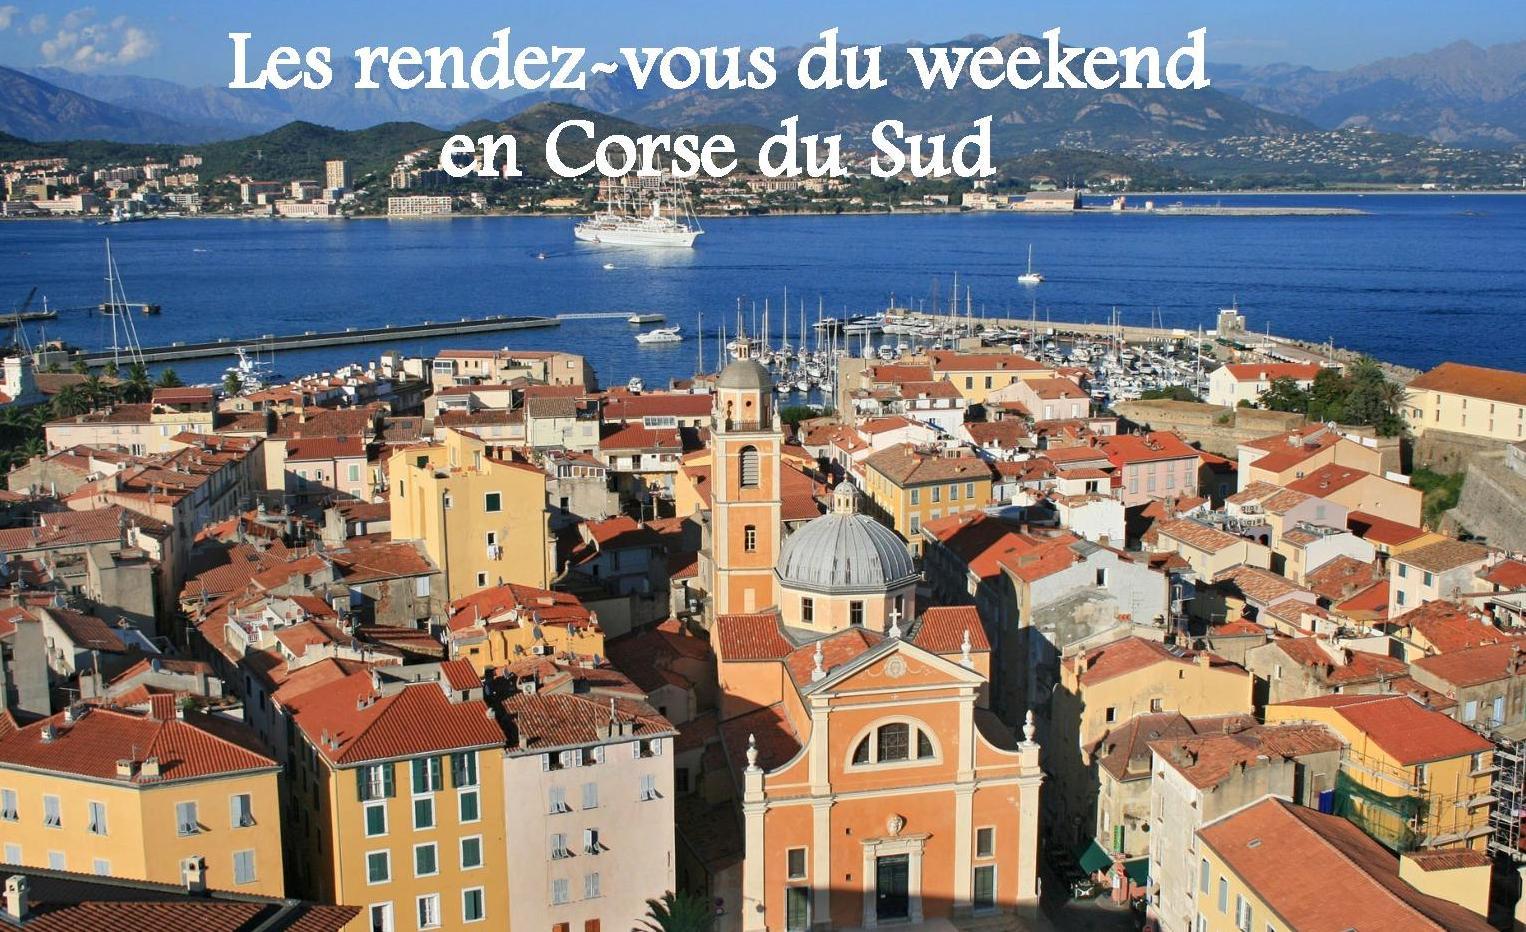 5 bonnes raisons pour aimer le week-end : nos idées de sortie en Corse-du-Sud